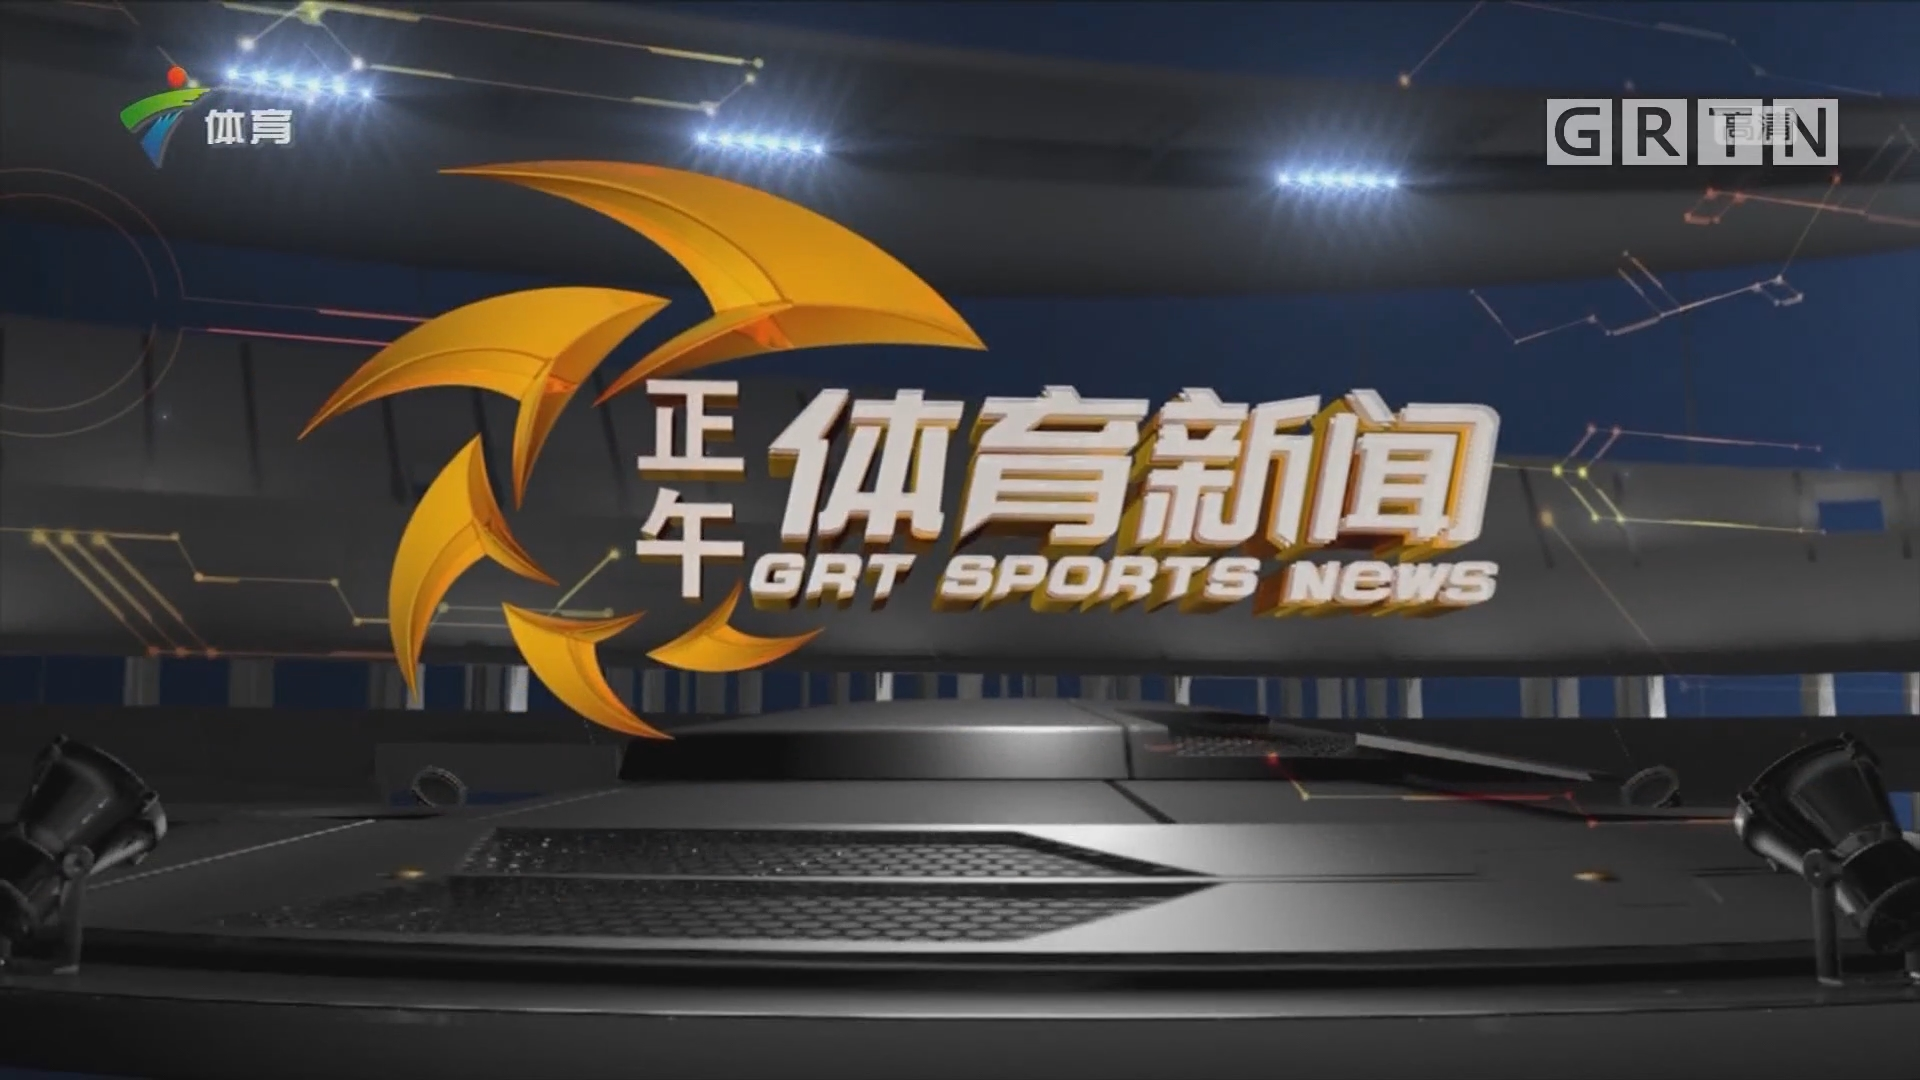 [HD][2019-04-24]正午体育新闻:后防送礼失球 恒大亚冠客场憾收平局